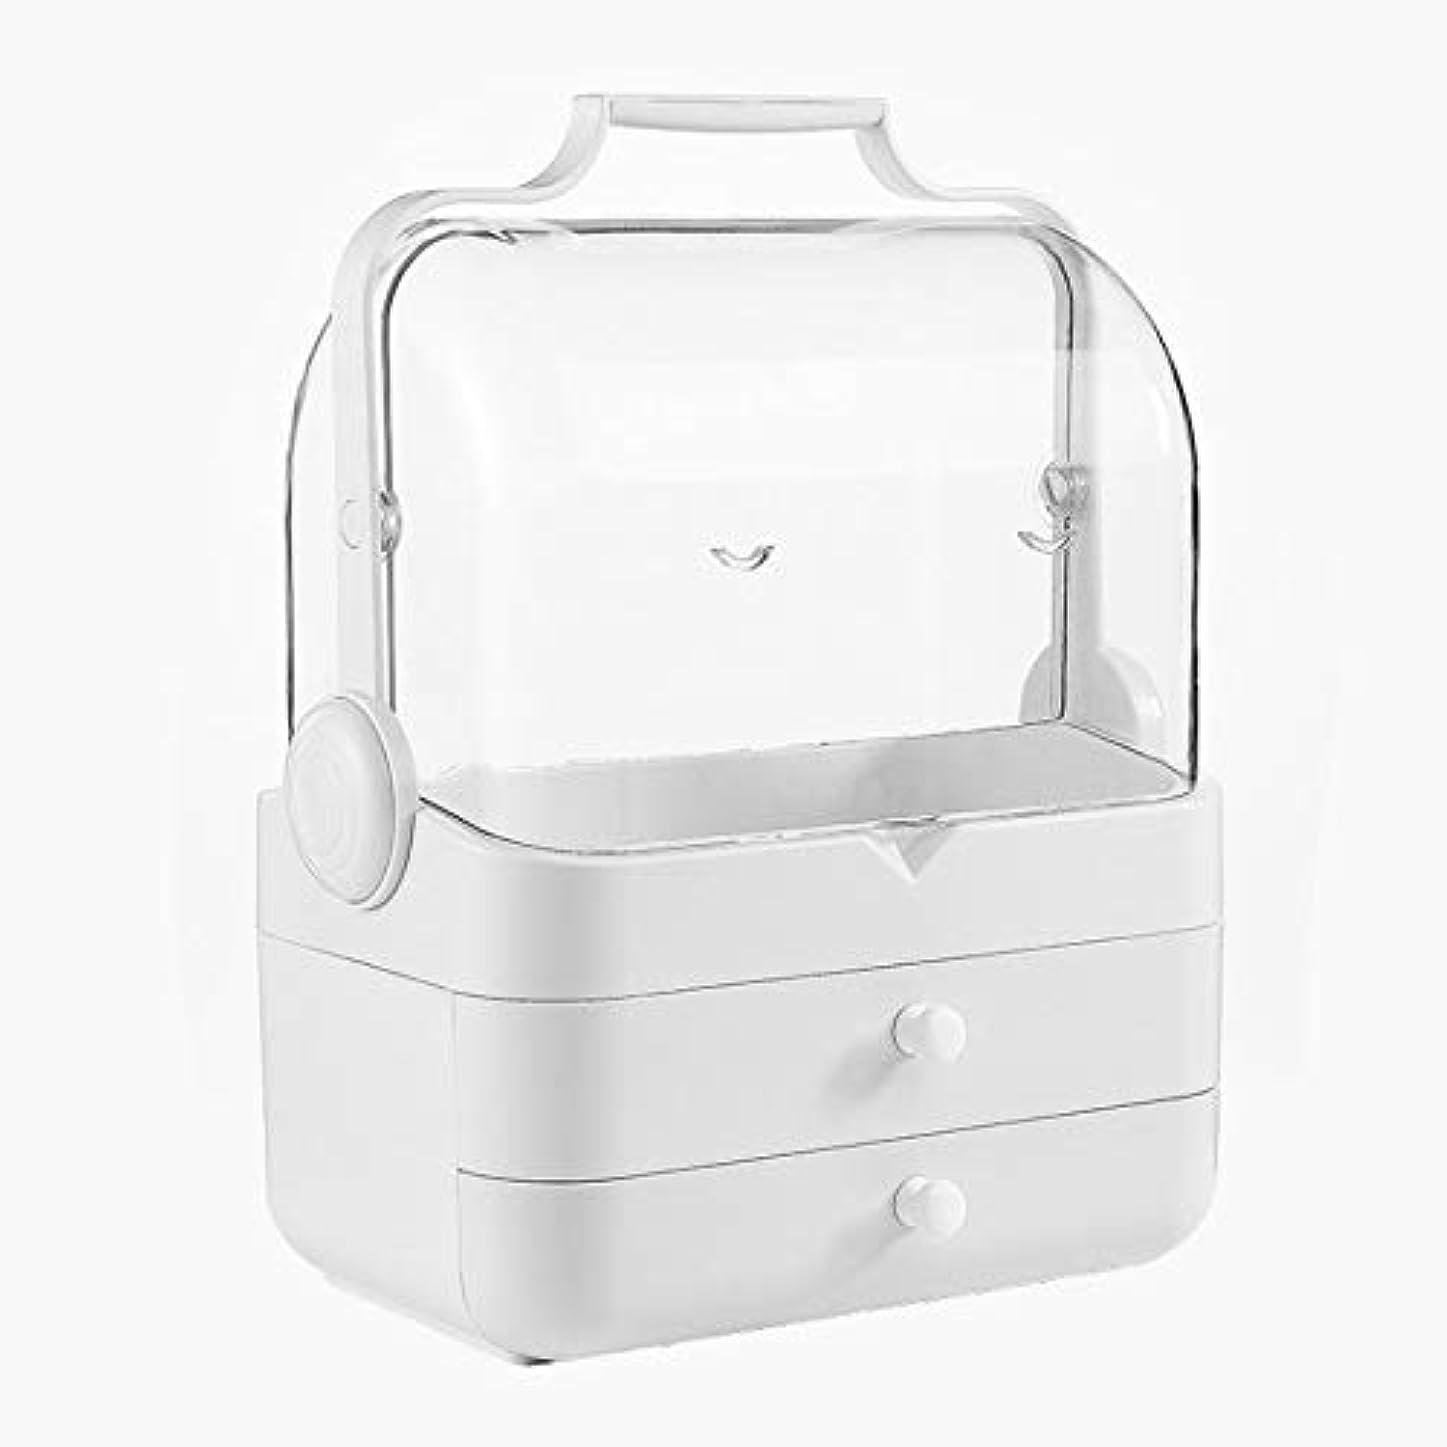 含意ナンセンス細胞化粧箱、白い大容量フリップ防塵化粧品ケース、ポータブル旅行化粧品ケース、美容ネイルジュエリー収納ボックス